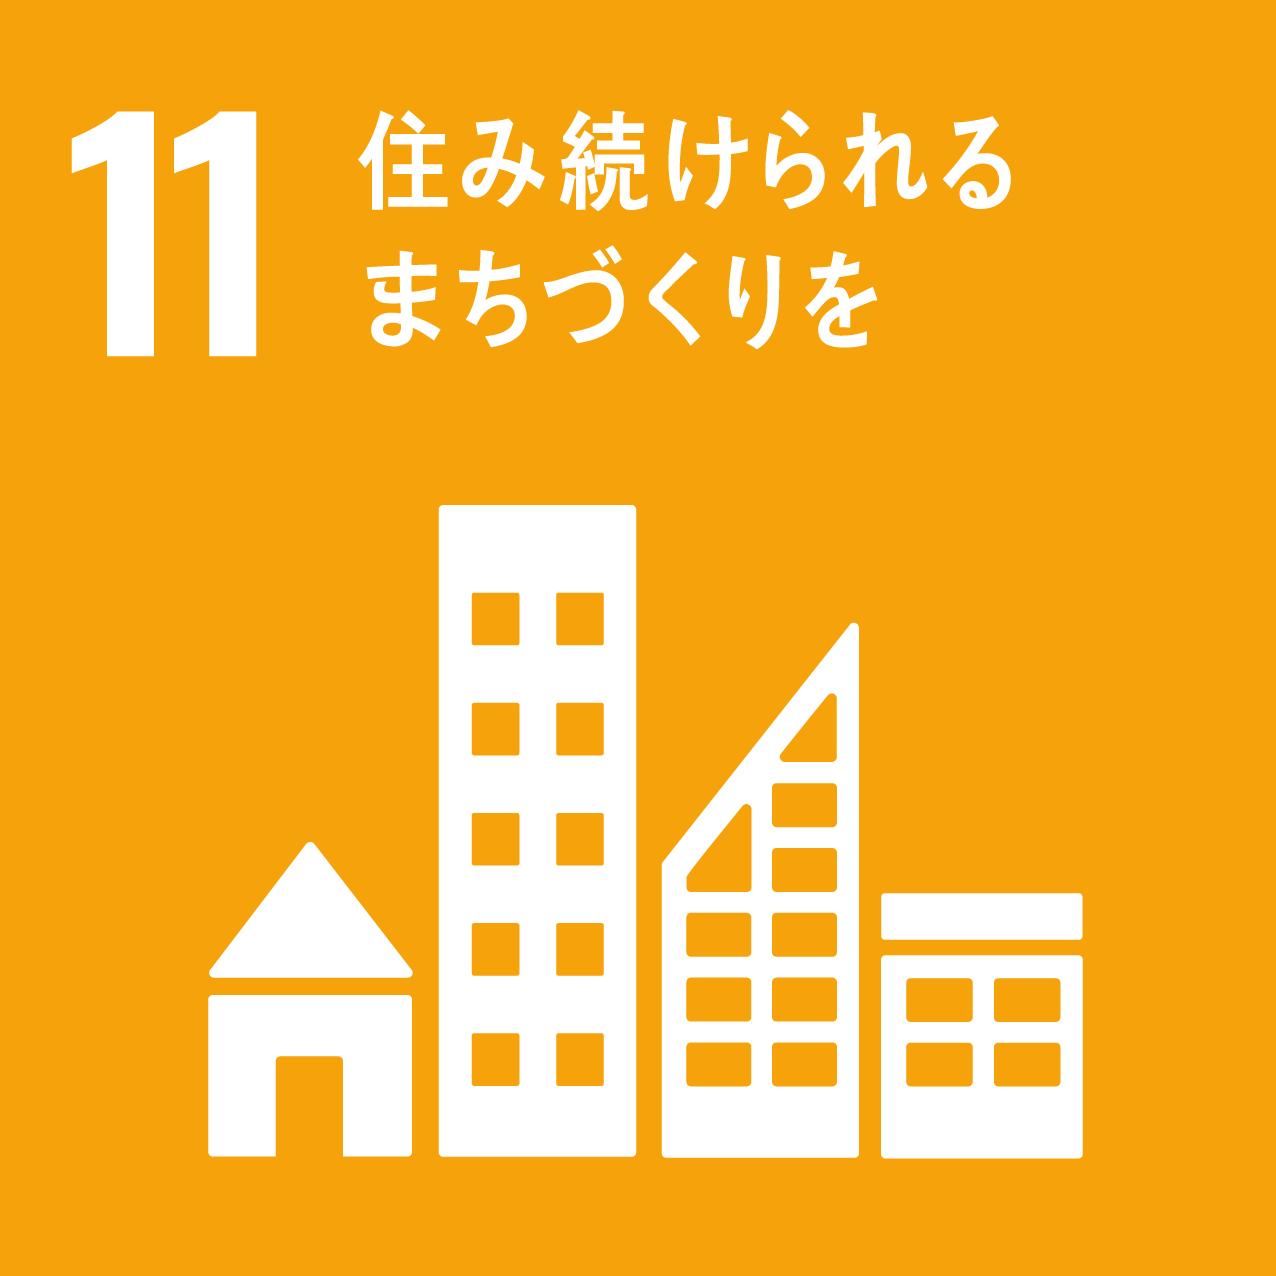 SDGs_11.png